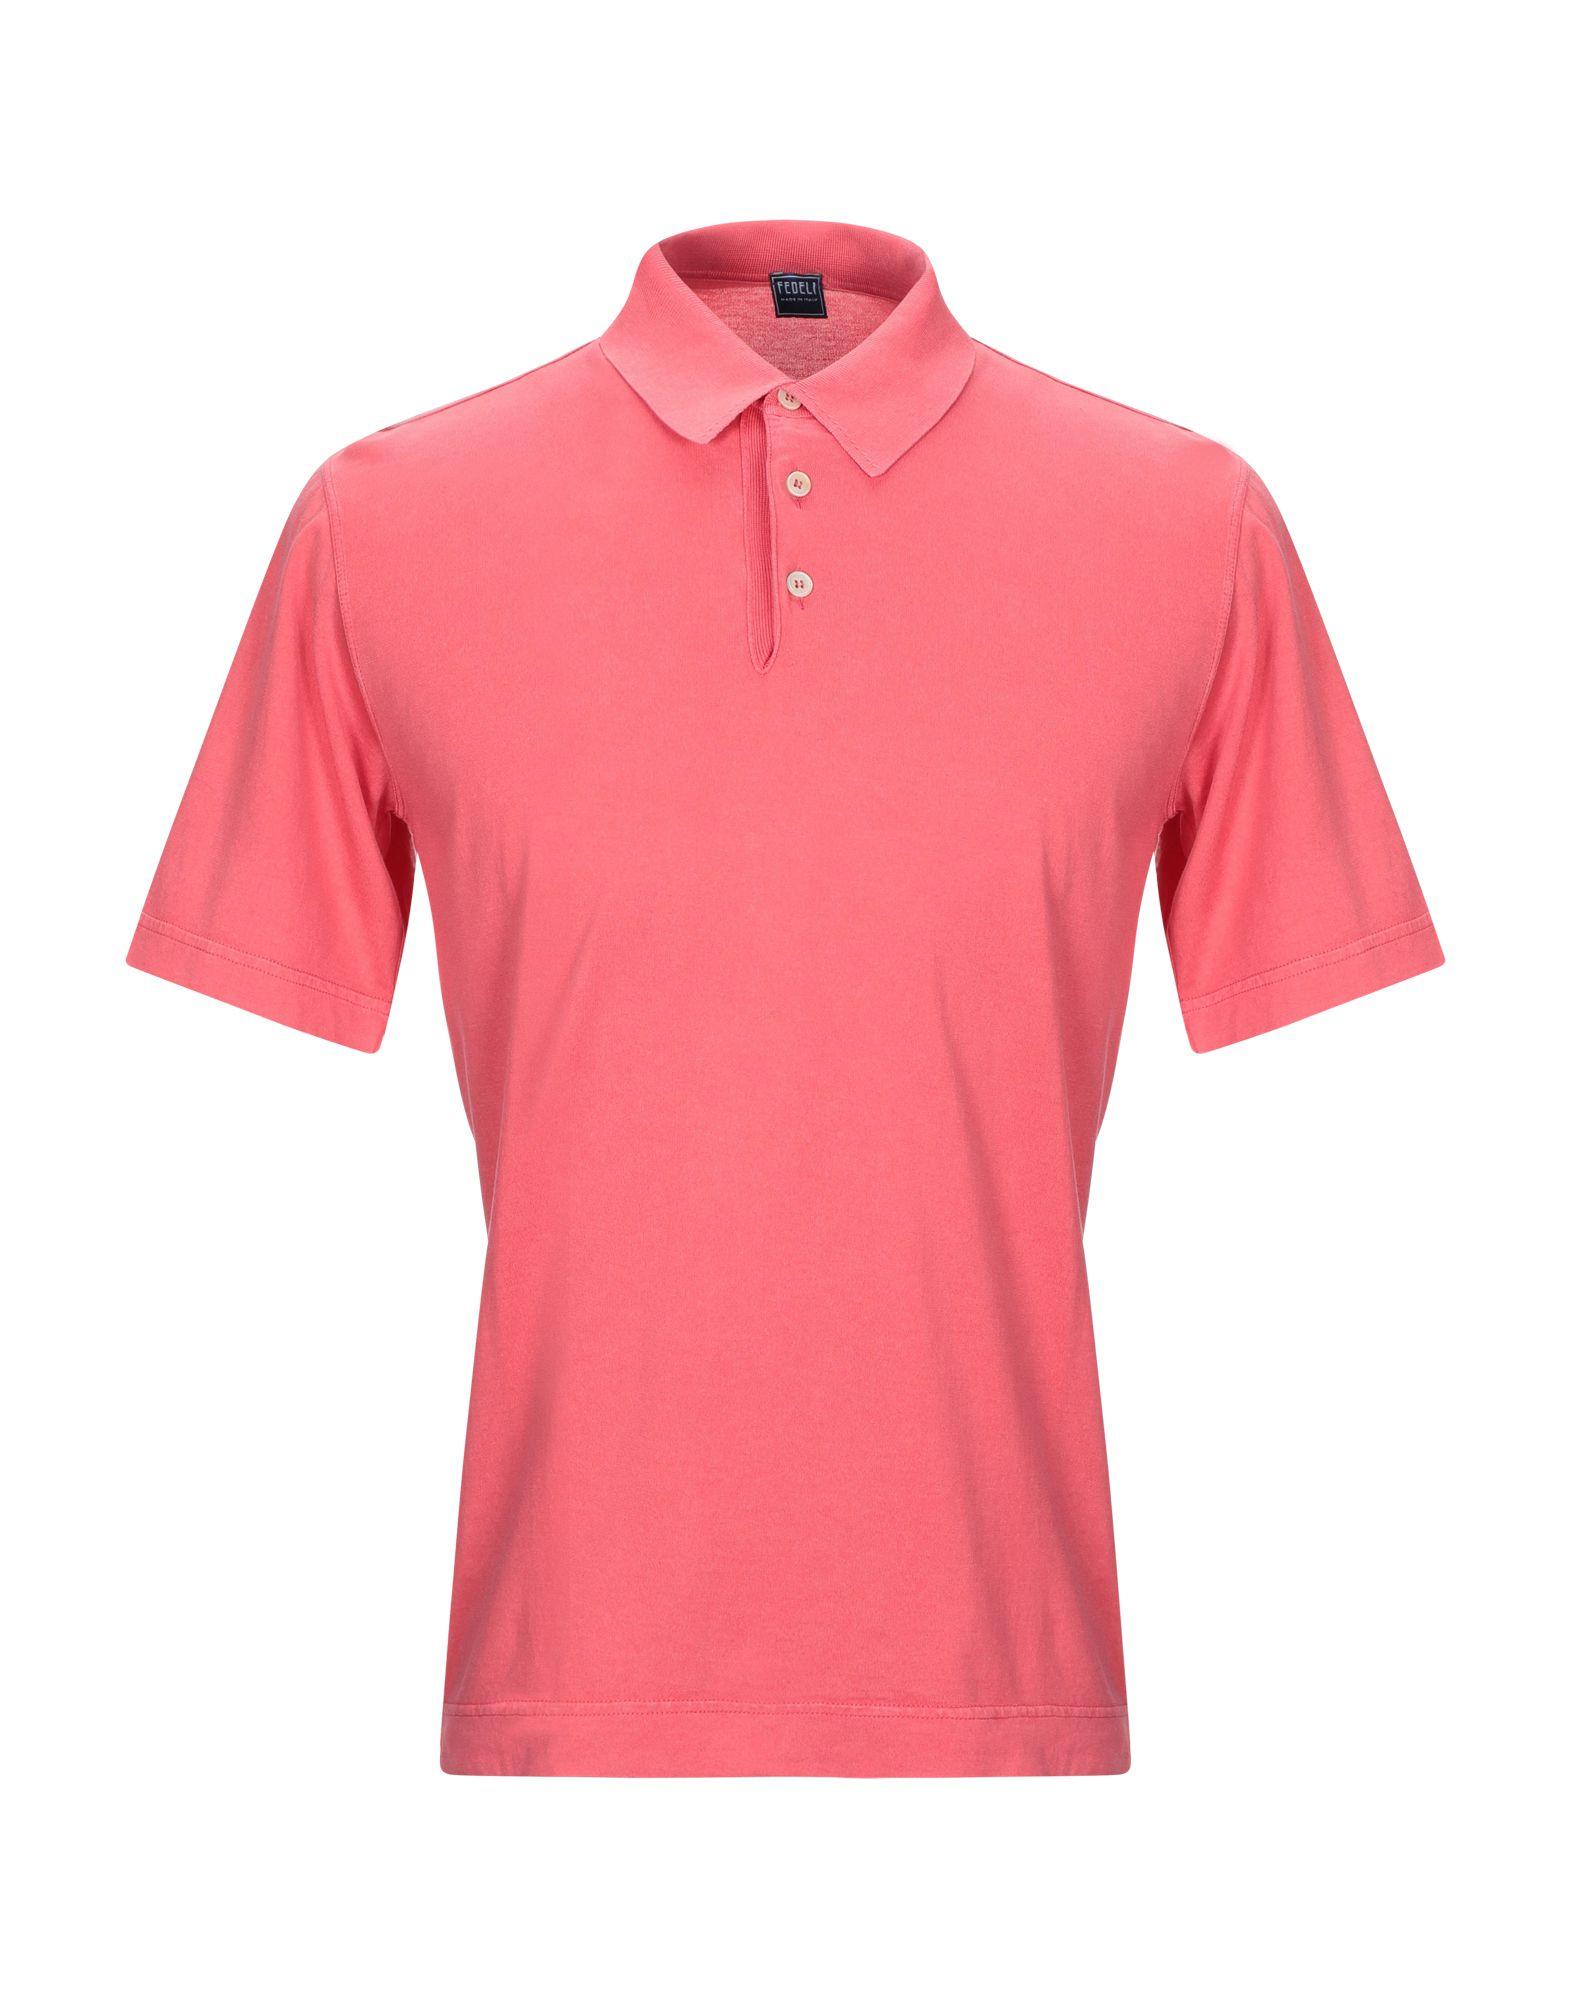 《期間限定セール中》FEDELI メンズ ポロシャツ コーラル 48 コットン 100%